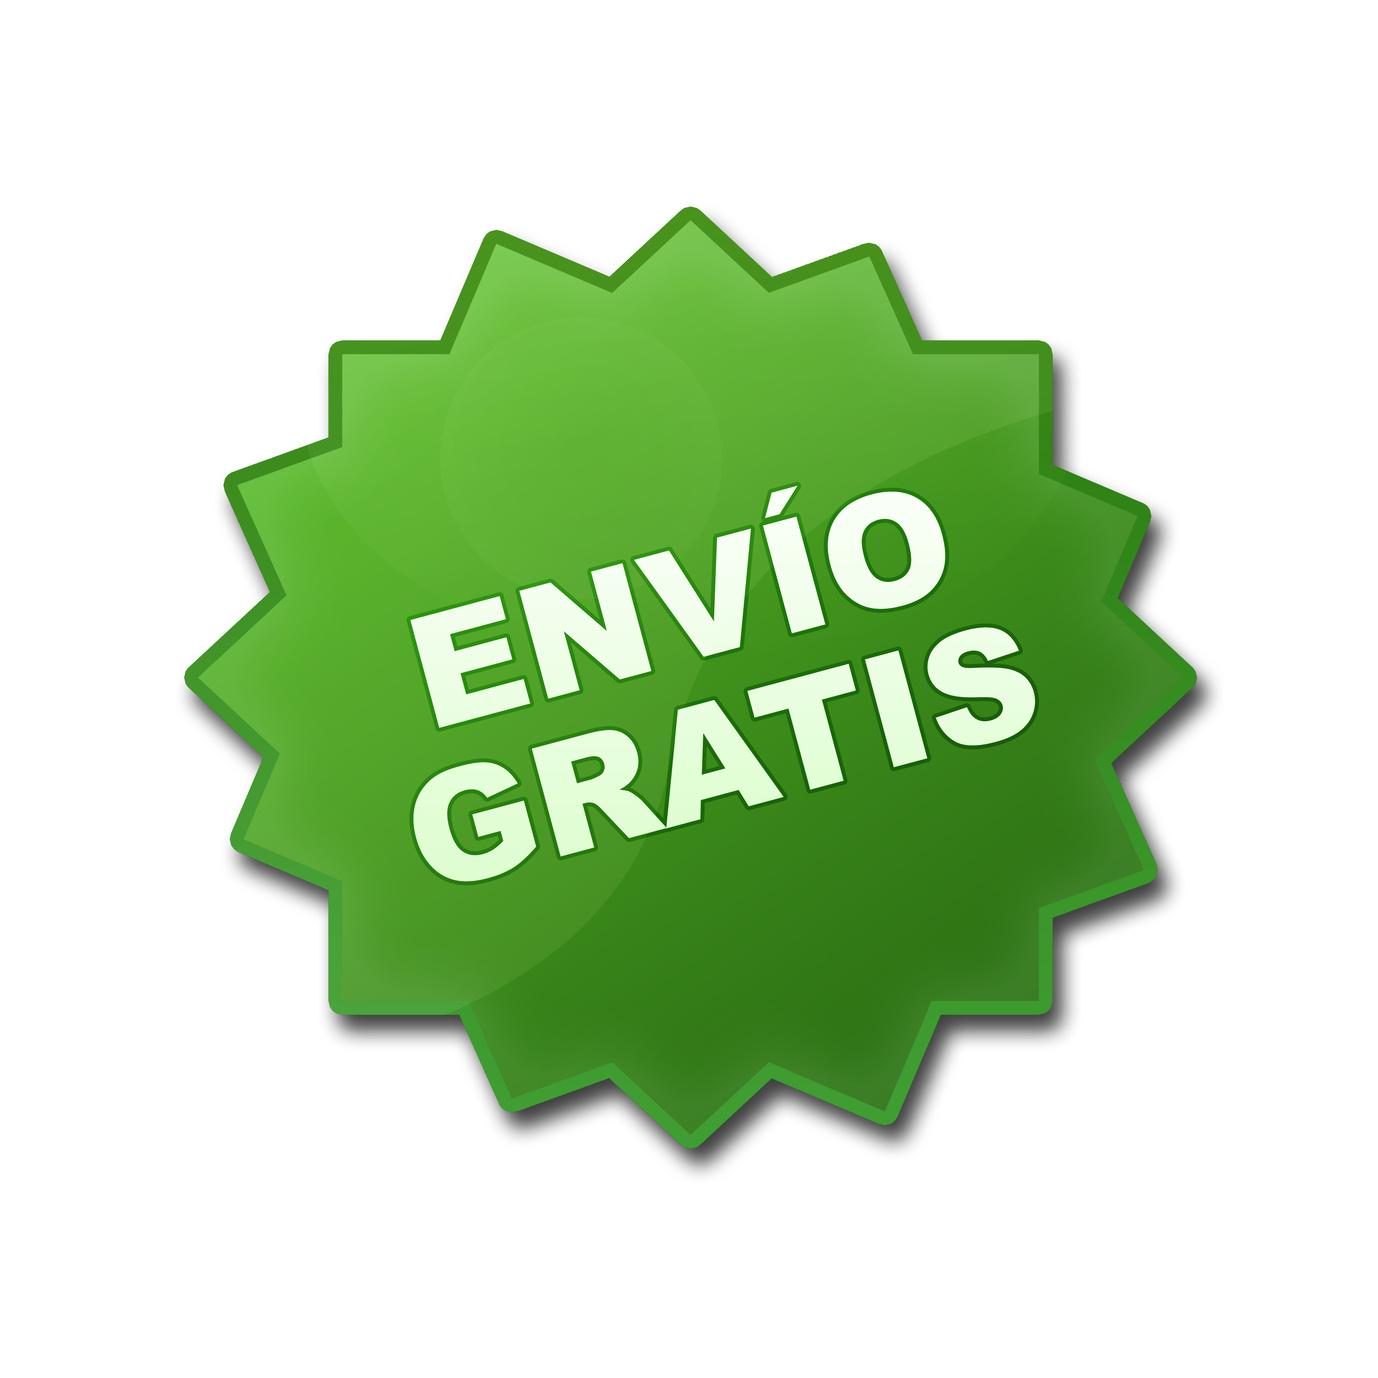 enviogratis3.jpg